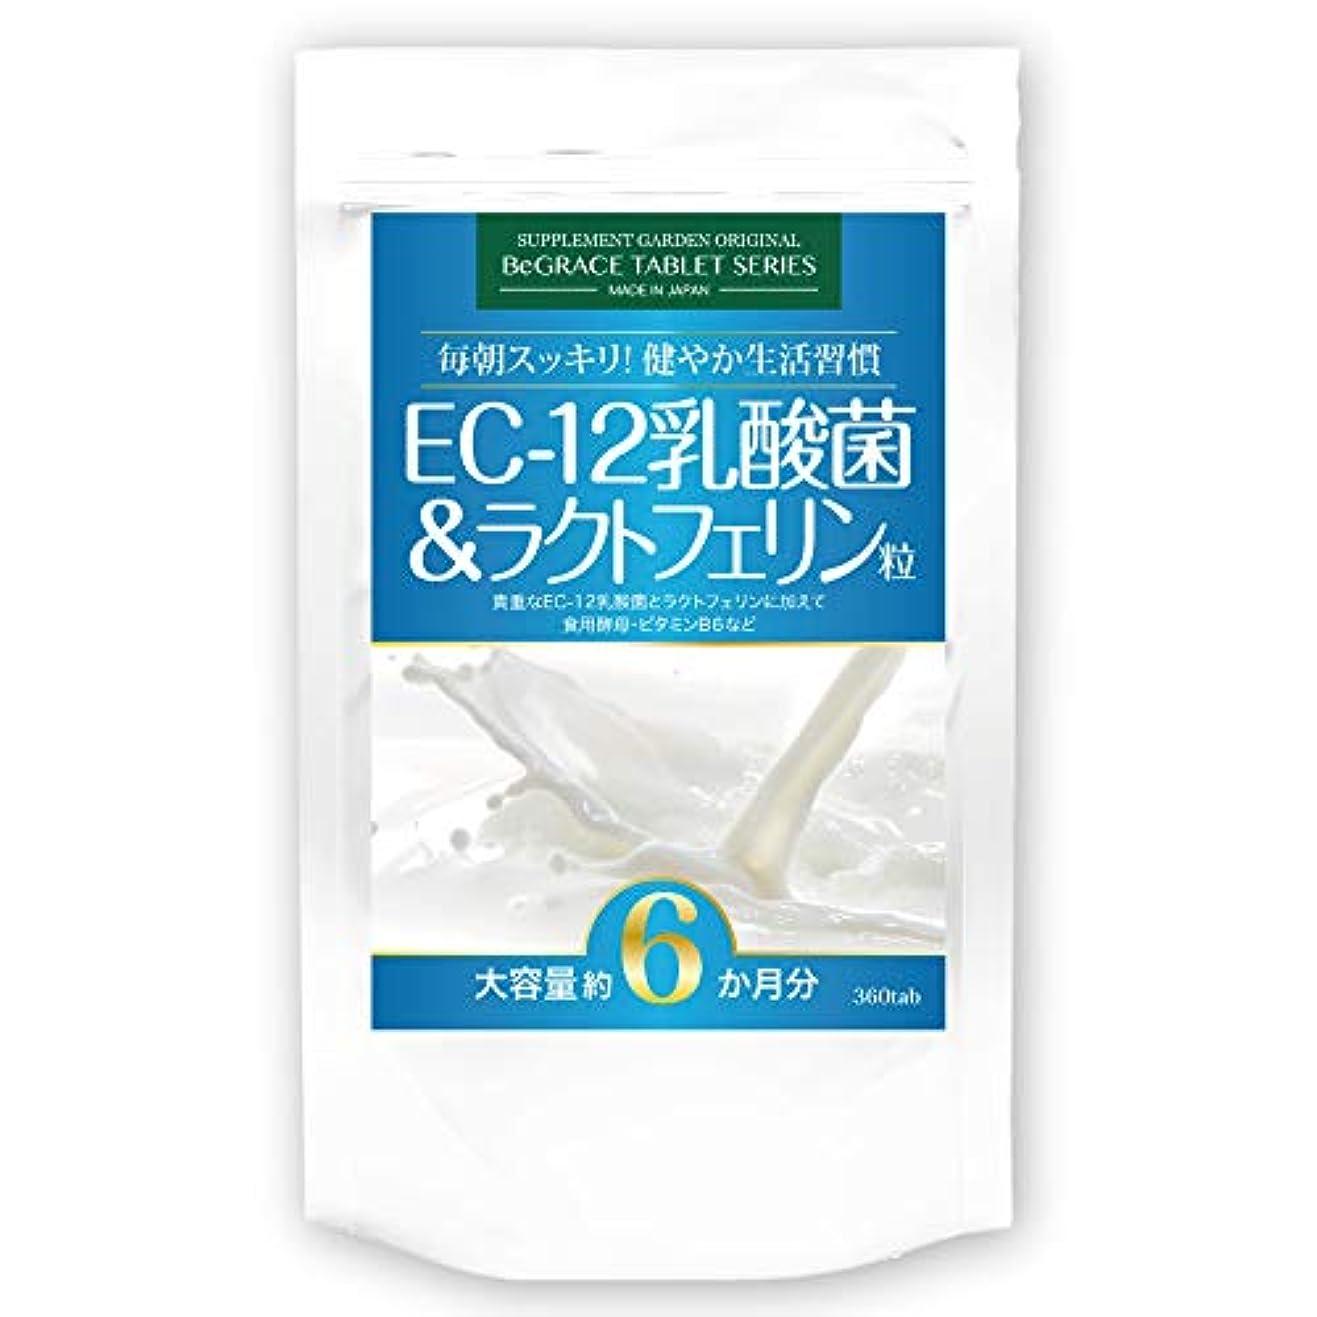 現在丘ネックレスEC-12乳酸菌&ラクトフェリン粒 大容量約6ヶ月分/360粒(EC-12乳酸菌、ラクトフェリン、ビール酵母、ホエイプロテイン、ビタミンB6)